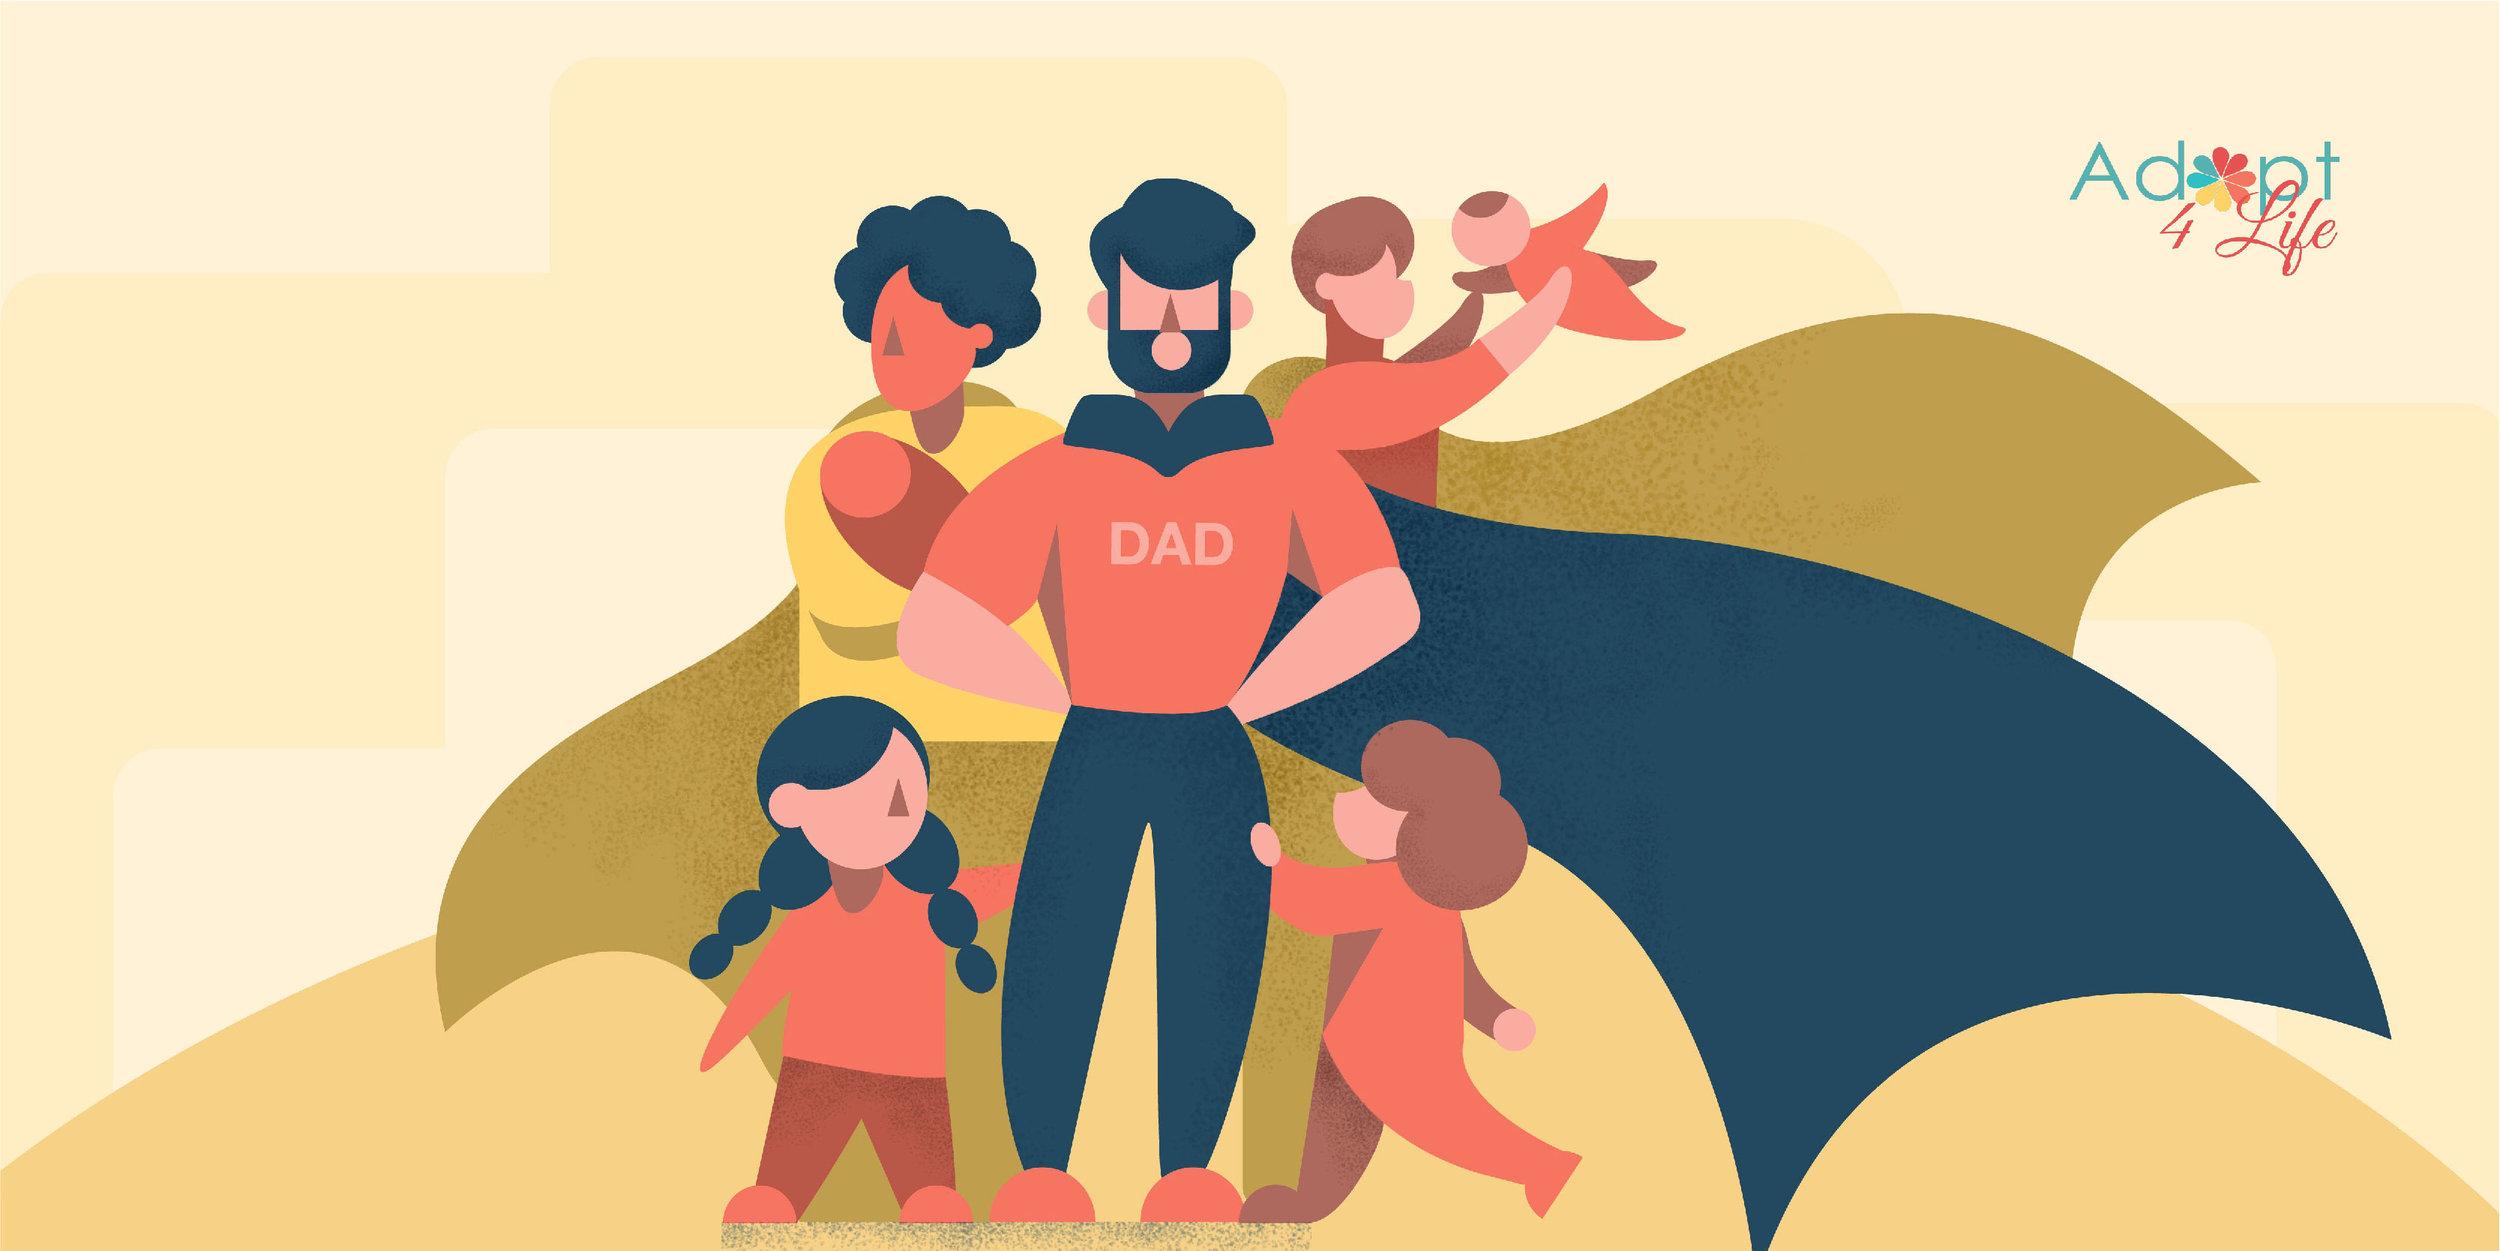 Dads_Zone_web_banner.jpg